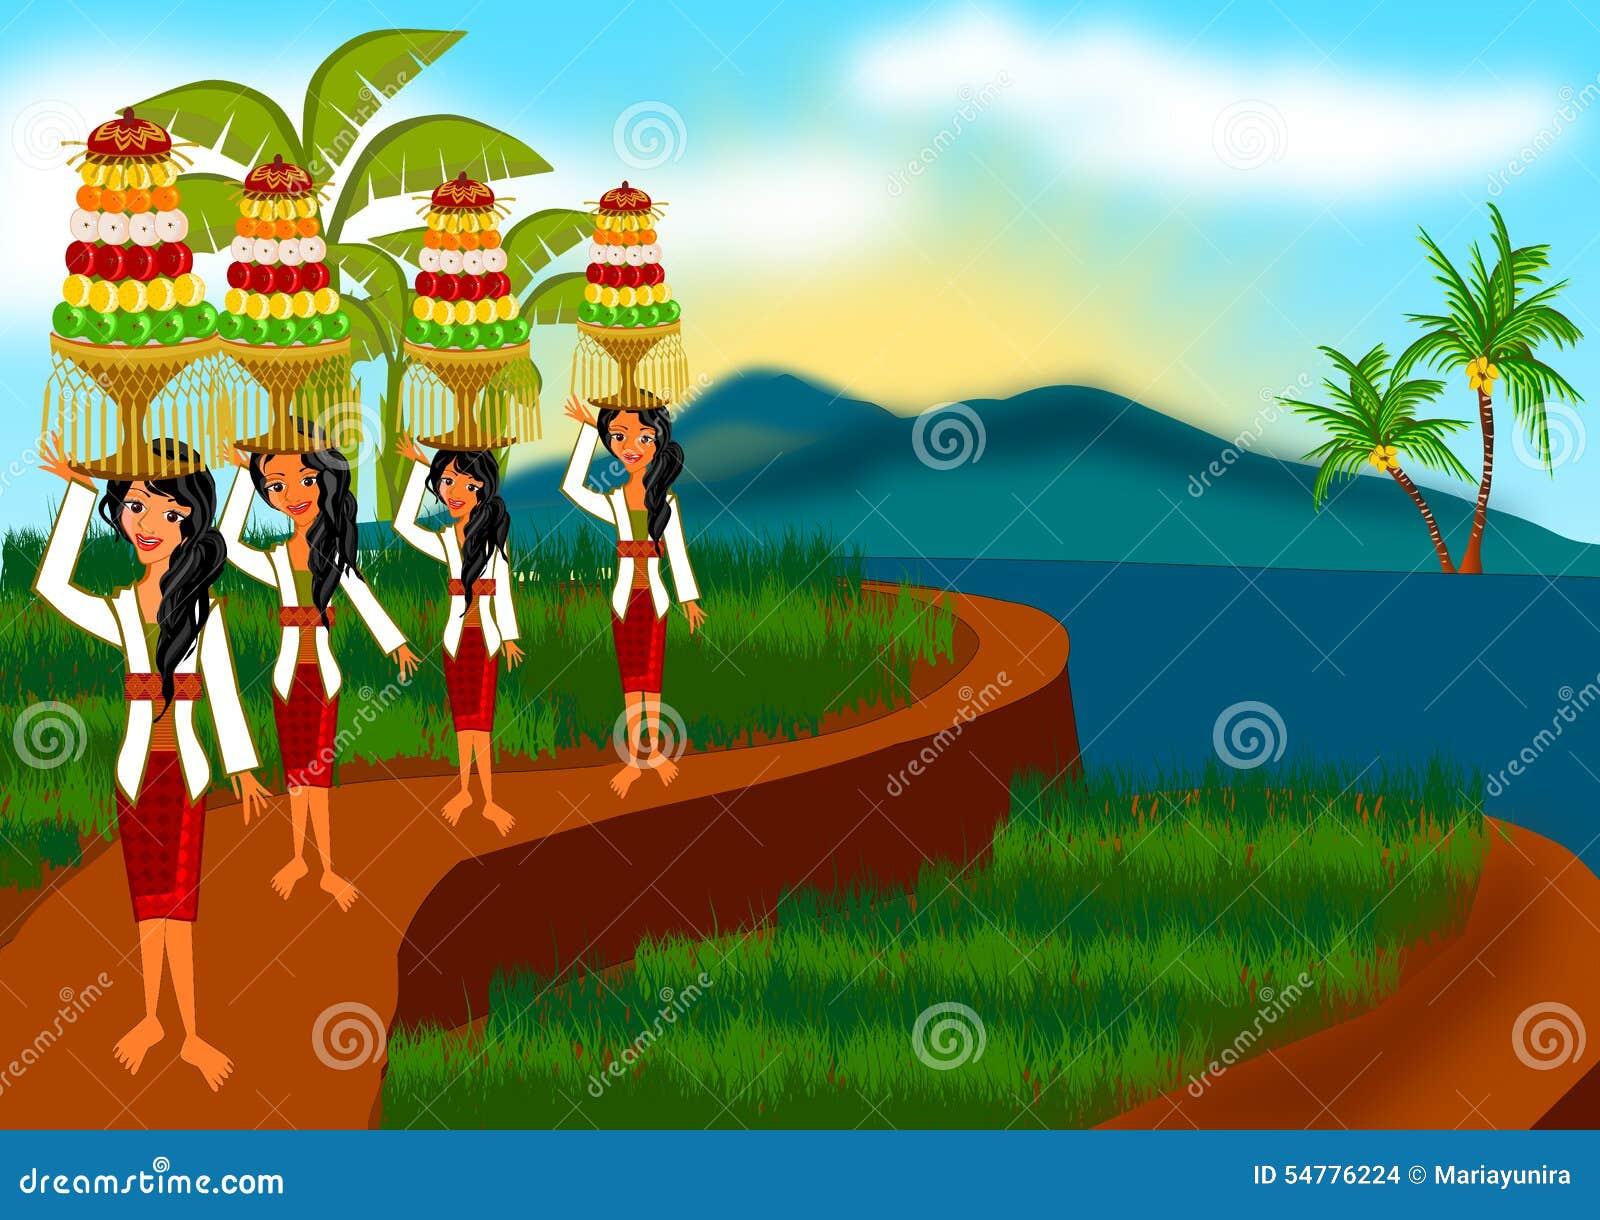 Harvesting ceremony in Bali